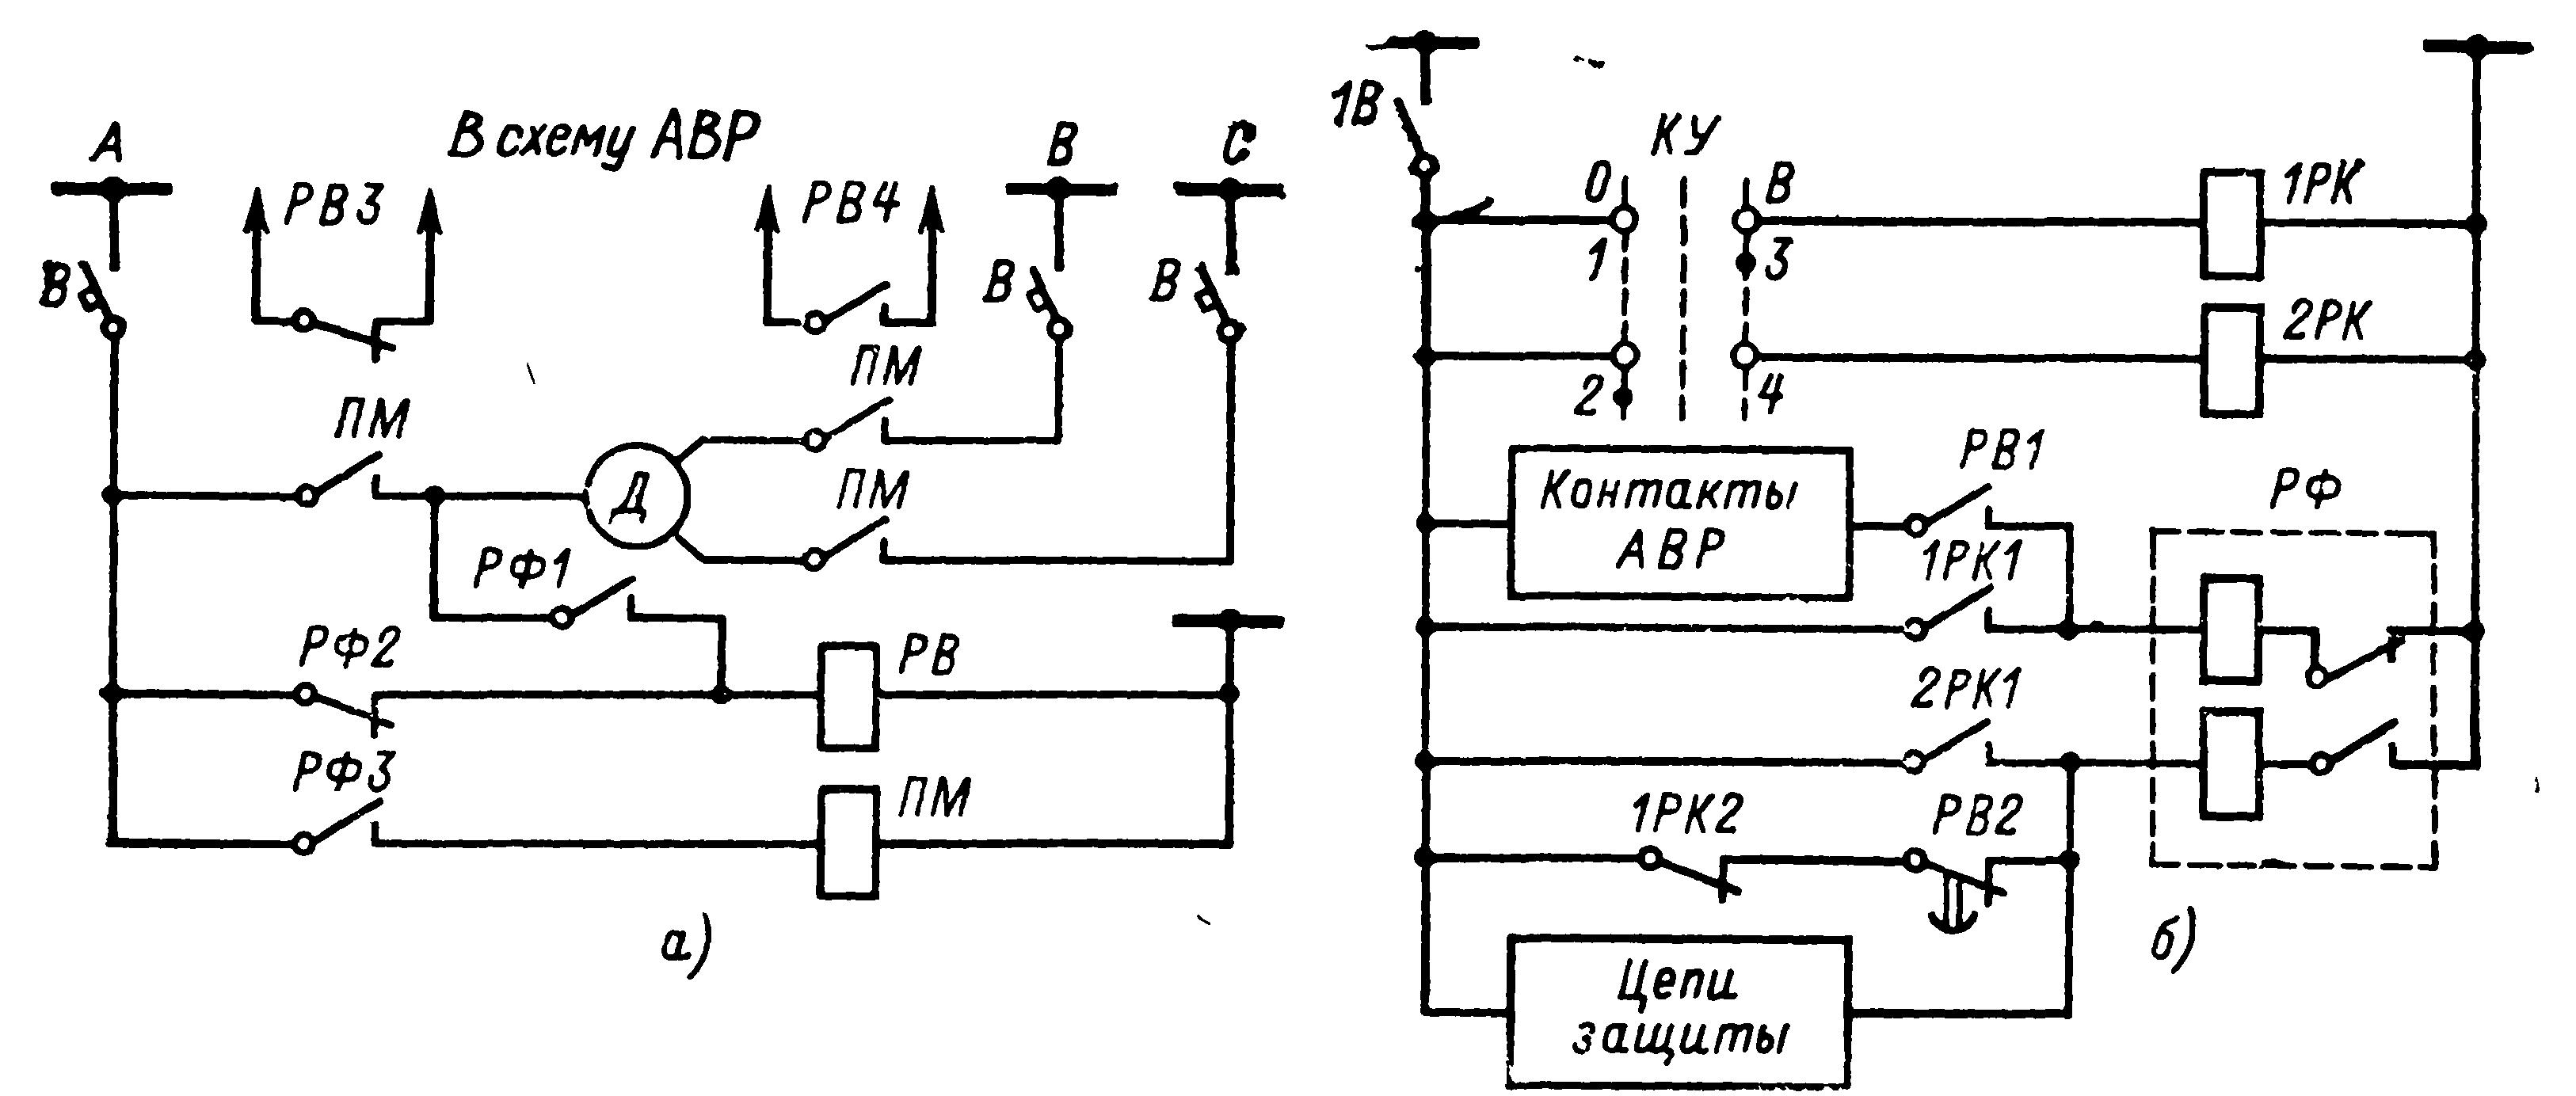 Схема управления магнитным пускателем асинхронных двигателей